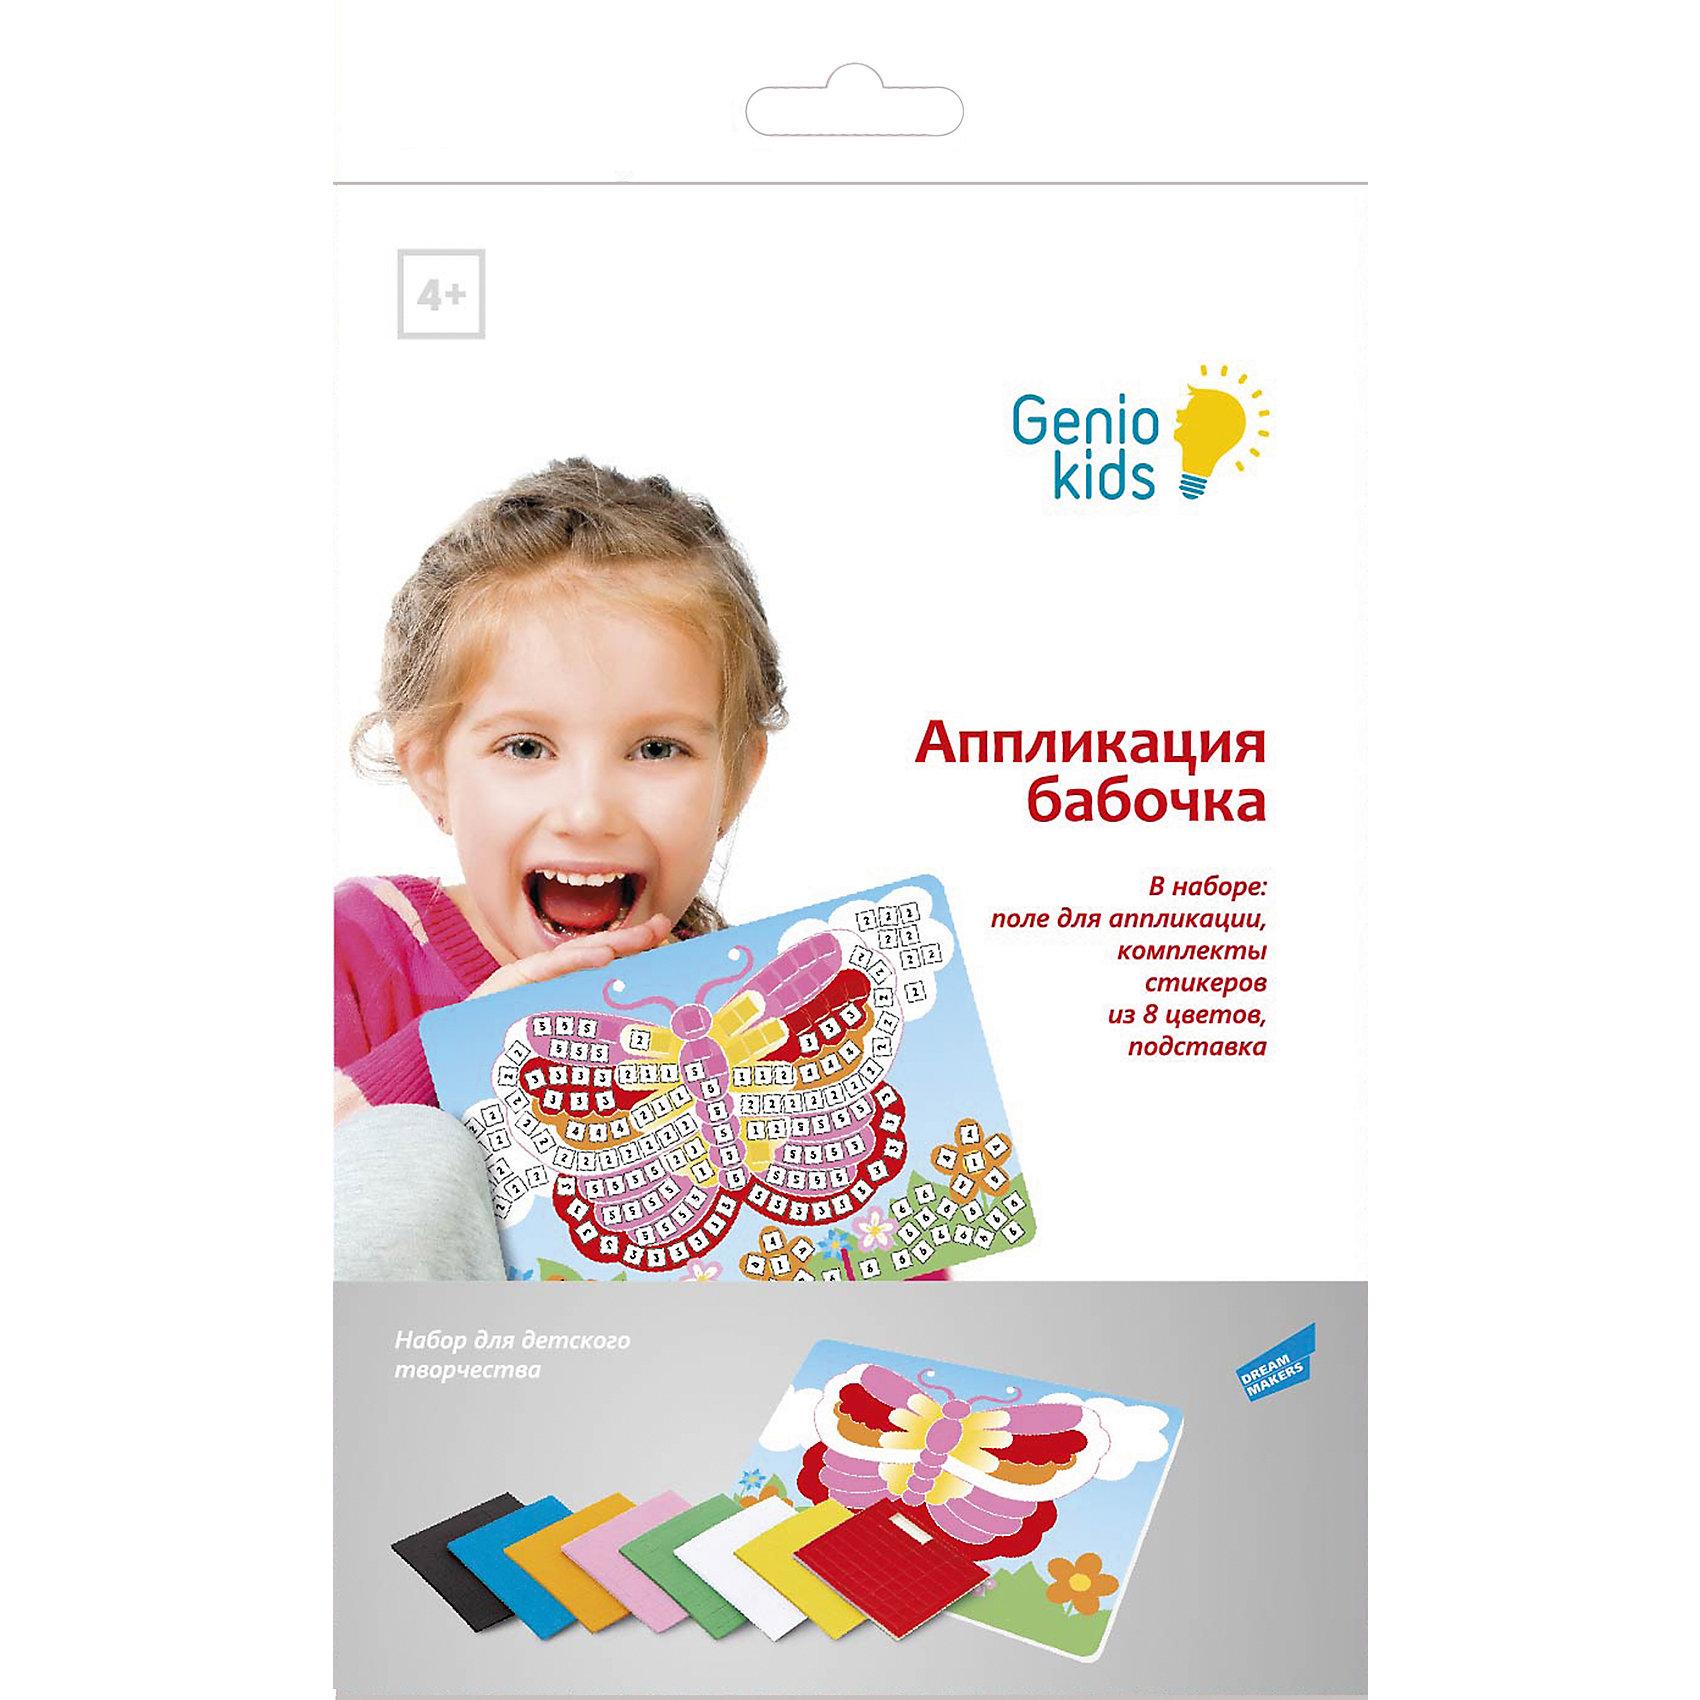 Аппликация БабочкаРукоделие<br>Набор Бабочка позволит ребенку самому создать яркую картину в технике аппликации. В набор входит индивидуальная коробка с напечатанной на ней инструкцией, поле с напечатанным рисунком бабочки, для приклеивания разноцветных стикеров с нанесённой клеевой основой. На поле нанесены цифры в квадратах с номером внутри . Ребёнок вынимает стикер из блока и наклеивает на игровое поле соответственно номеру цвета. В результате получается изображение бабочки, которое можно поставить на картонную подставку. Аппликация не только приносит много радости детям, работа в этой технике развивает мелкую моторику и мышление, а также внимательность и усидчивость ребенка.<br><br>Дополнительная информация<br><br>- Материал: бумага.<br>- Размер упаковки: 24 x 15 x 3 см.<br>- Комплектация: поле для стикеров - 1 шт, подставка для поля - 1 шт, стикеры - 8 блоков ( 64 стикера, размером 60 х 60 мм).<br><br>Аппликацию Бабочка можно купить в нашем магазине.<br><br>Ширина мм: 20<br>Глубина мм: 150<br>Высота мм: 230<br>Вес г: 200<br>Возраст от месяцев: 48<br>Возраст до месяцев: 120<br>Пол: Унисекс<br>Возраст: Детский<br>SKU: 4222233